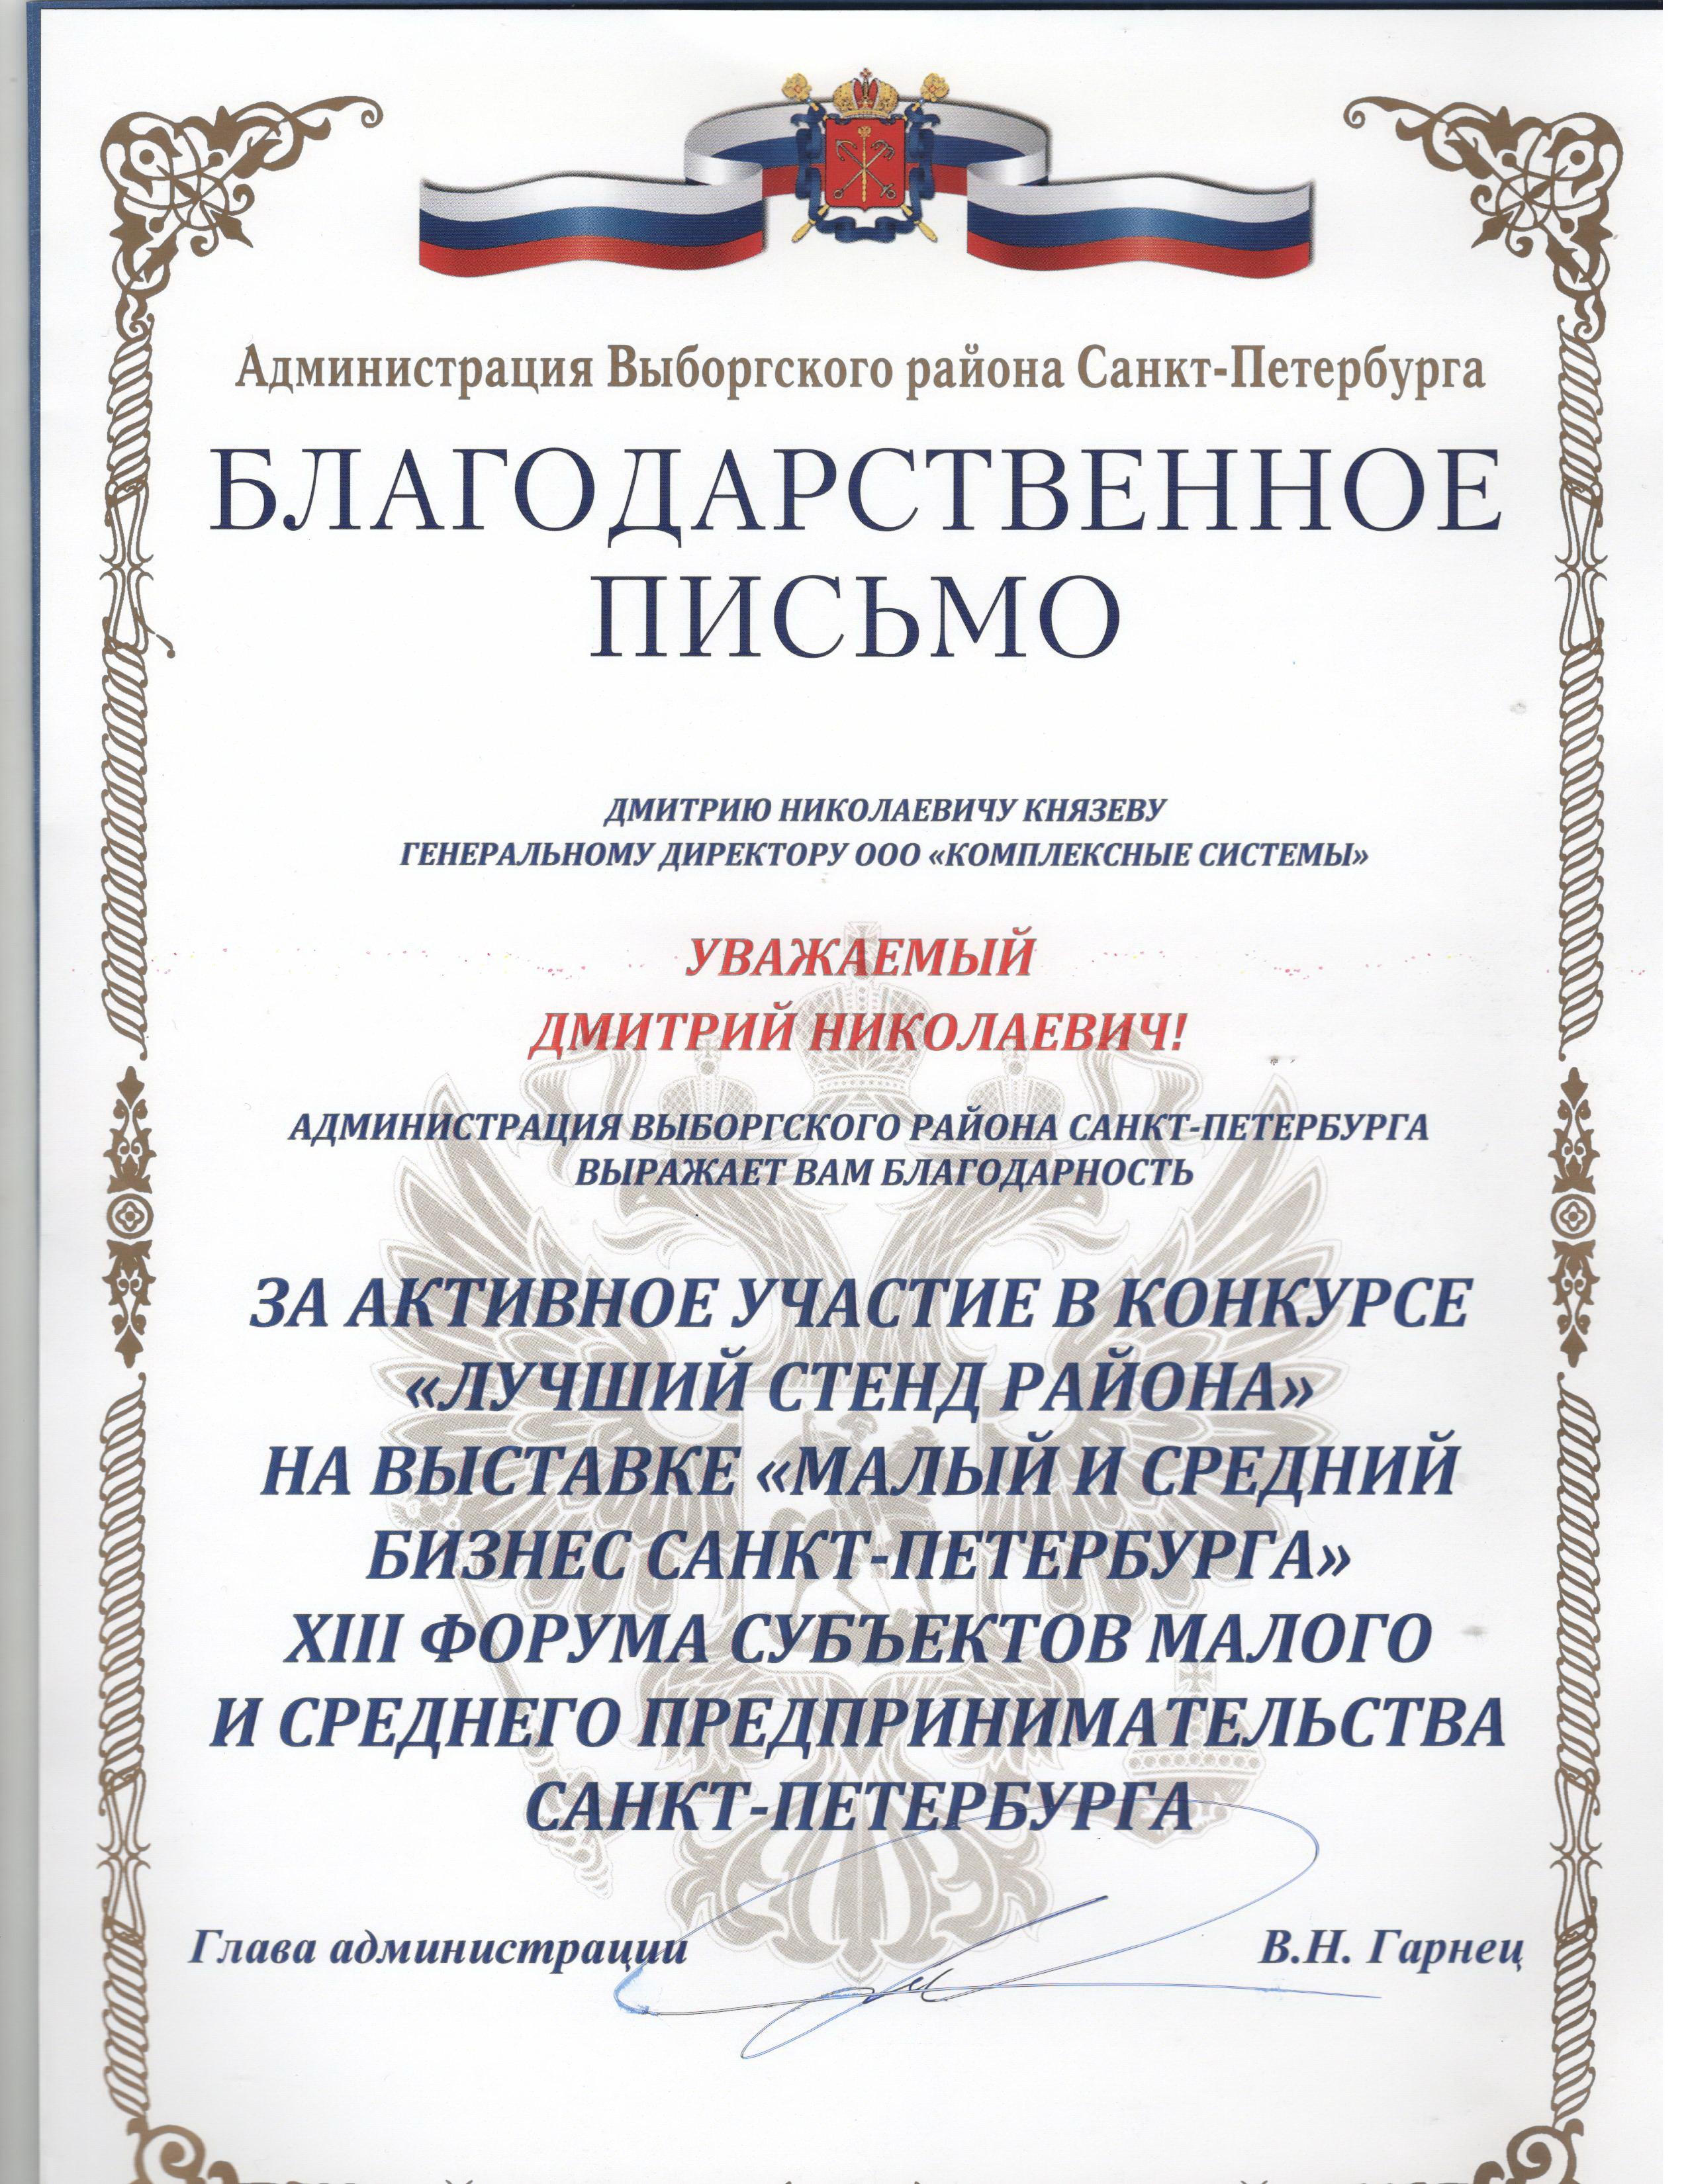 Благодарности компании Люмика за участия в выставке в Санкт-Петербурге